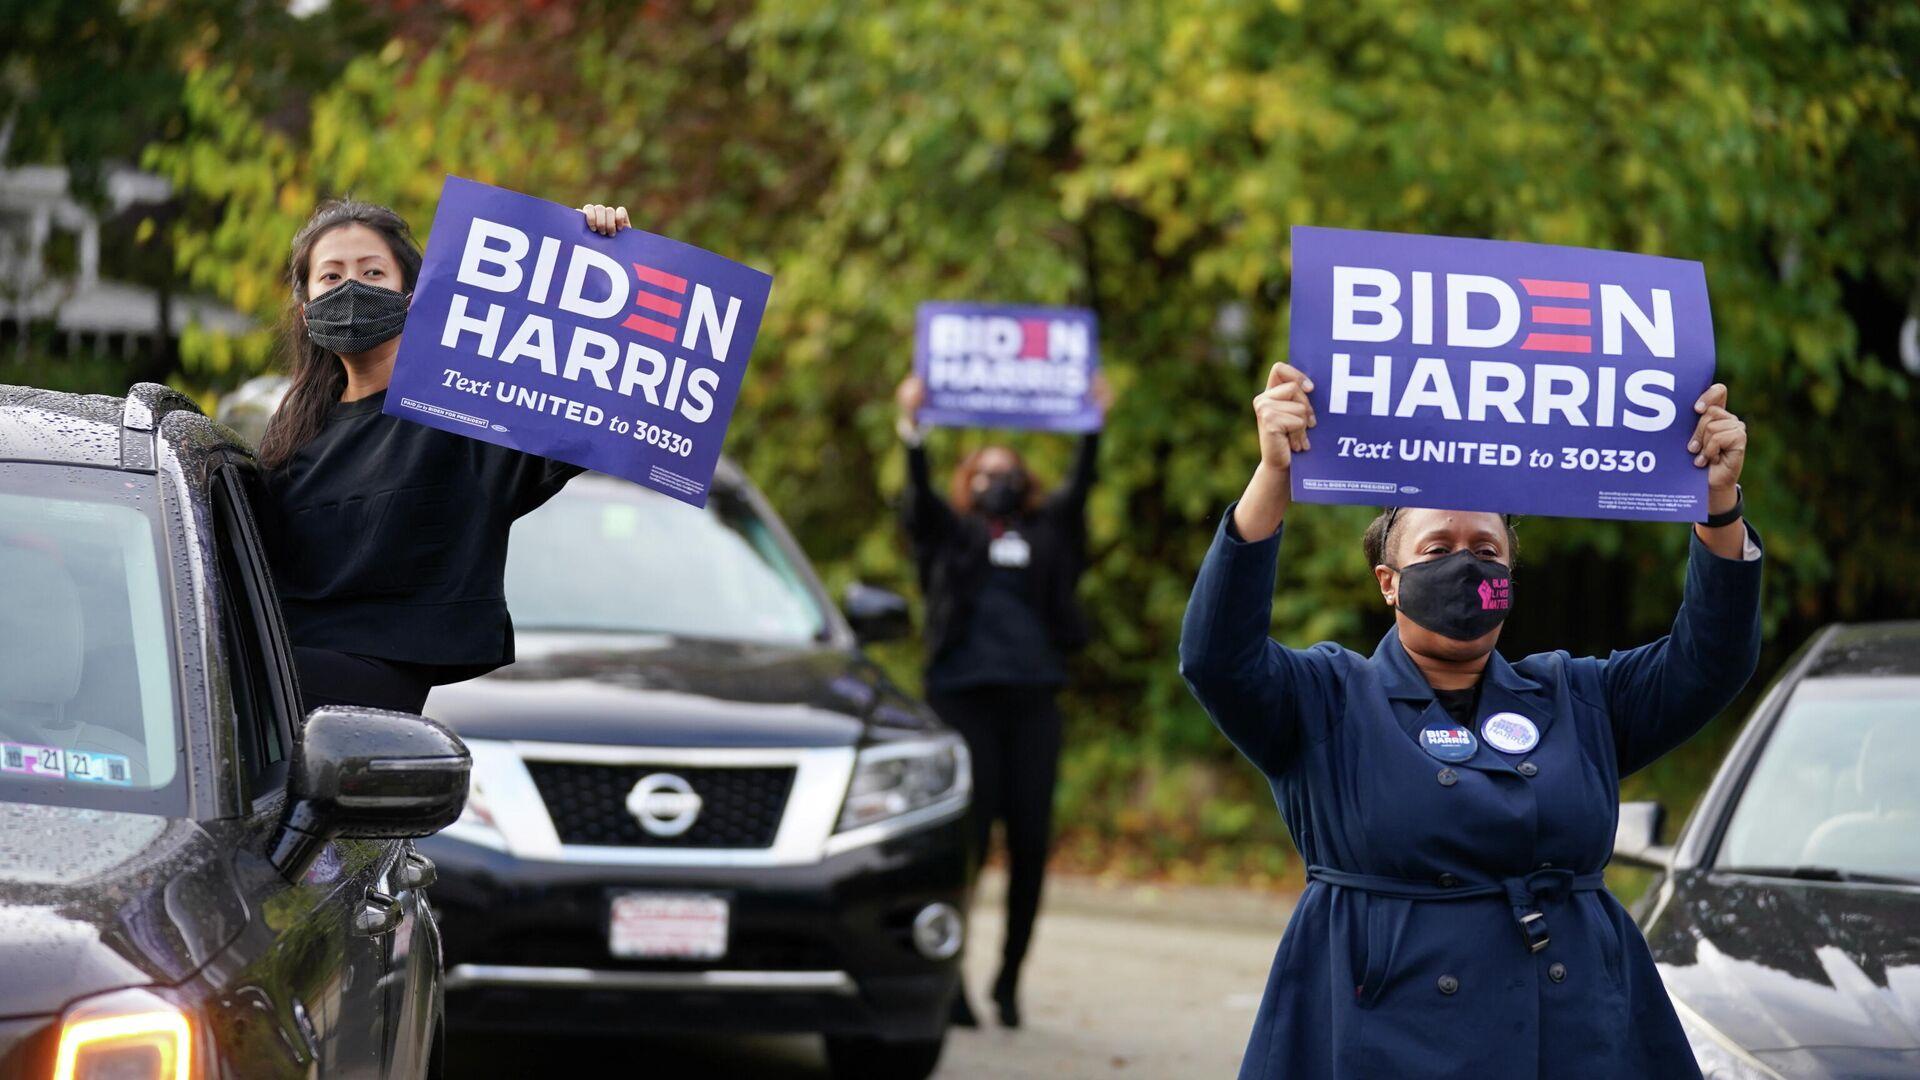 Сторонники Джо Байдена держат плакаты во время предвыборной кампании кандидата в президенты США в Филадельфии, штат Пенсильвания, США, 1 ноября 2020 года - РИА Новости, 1920, 02.11.2020